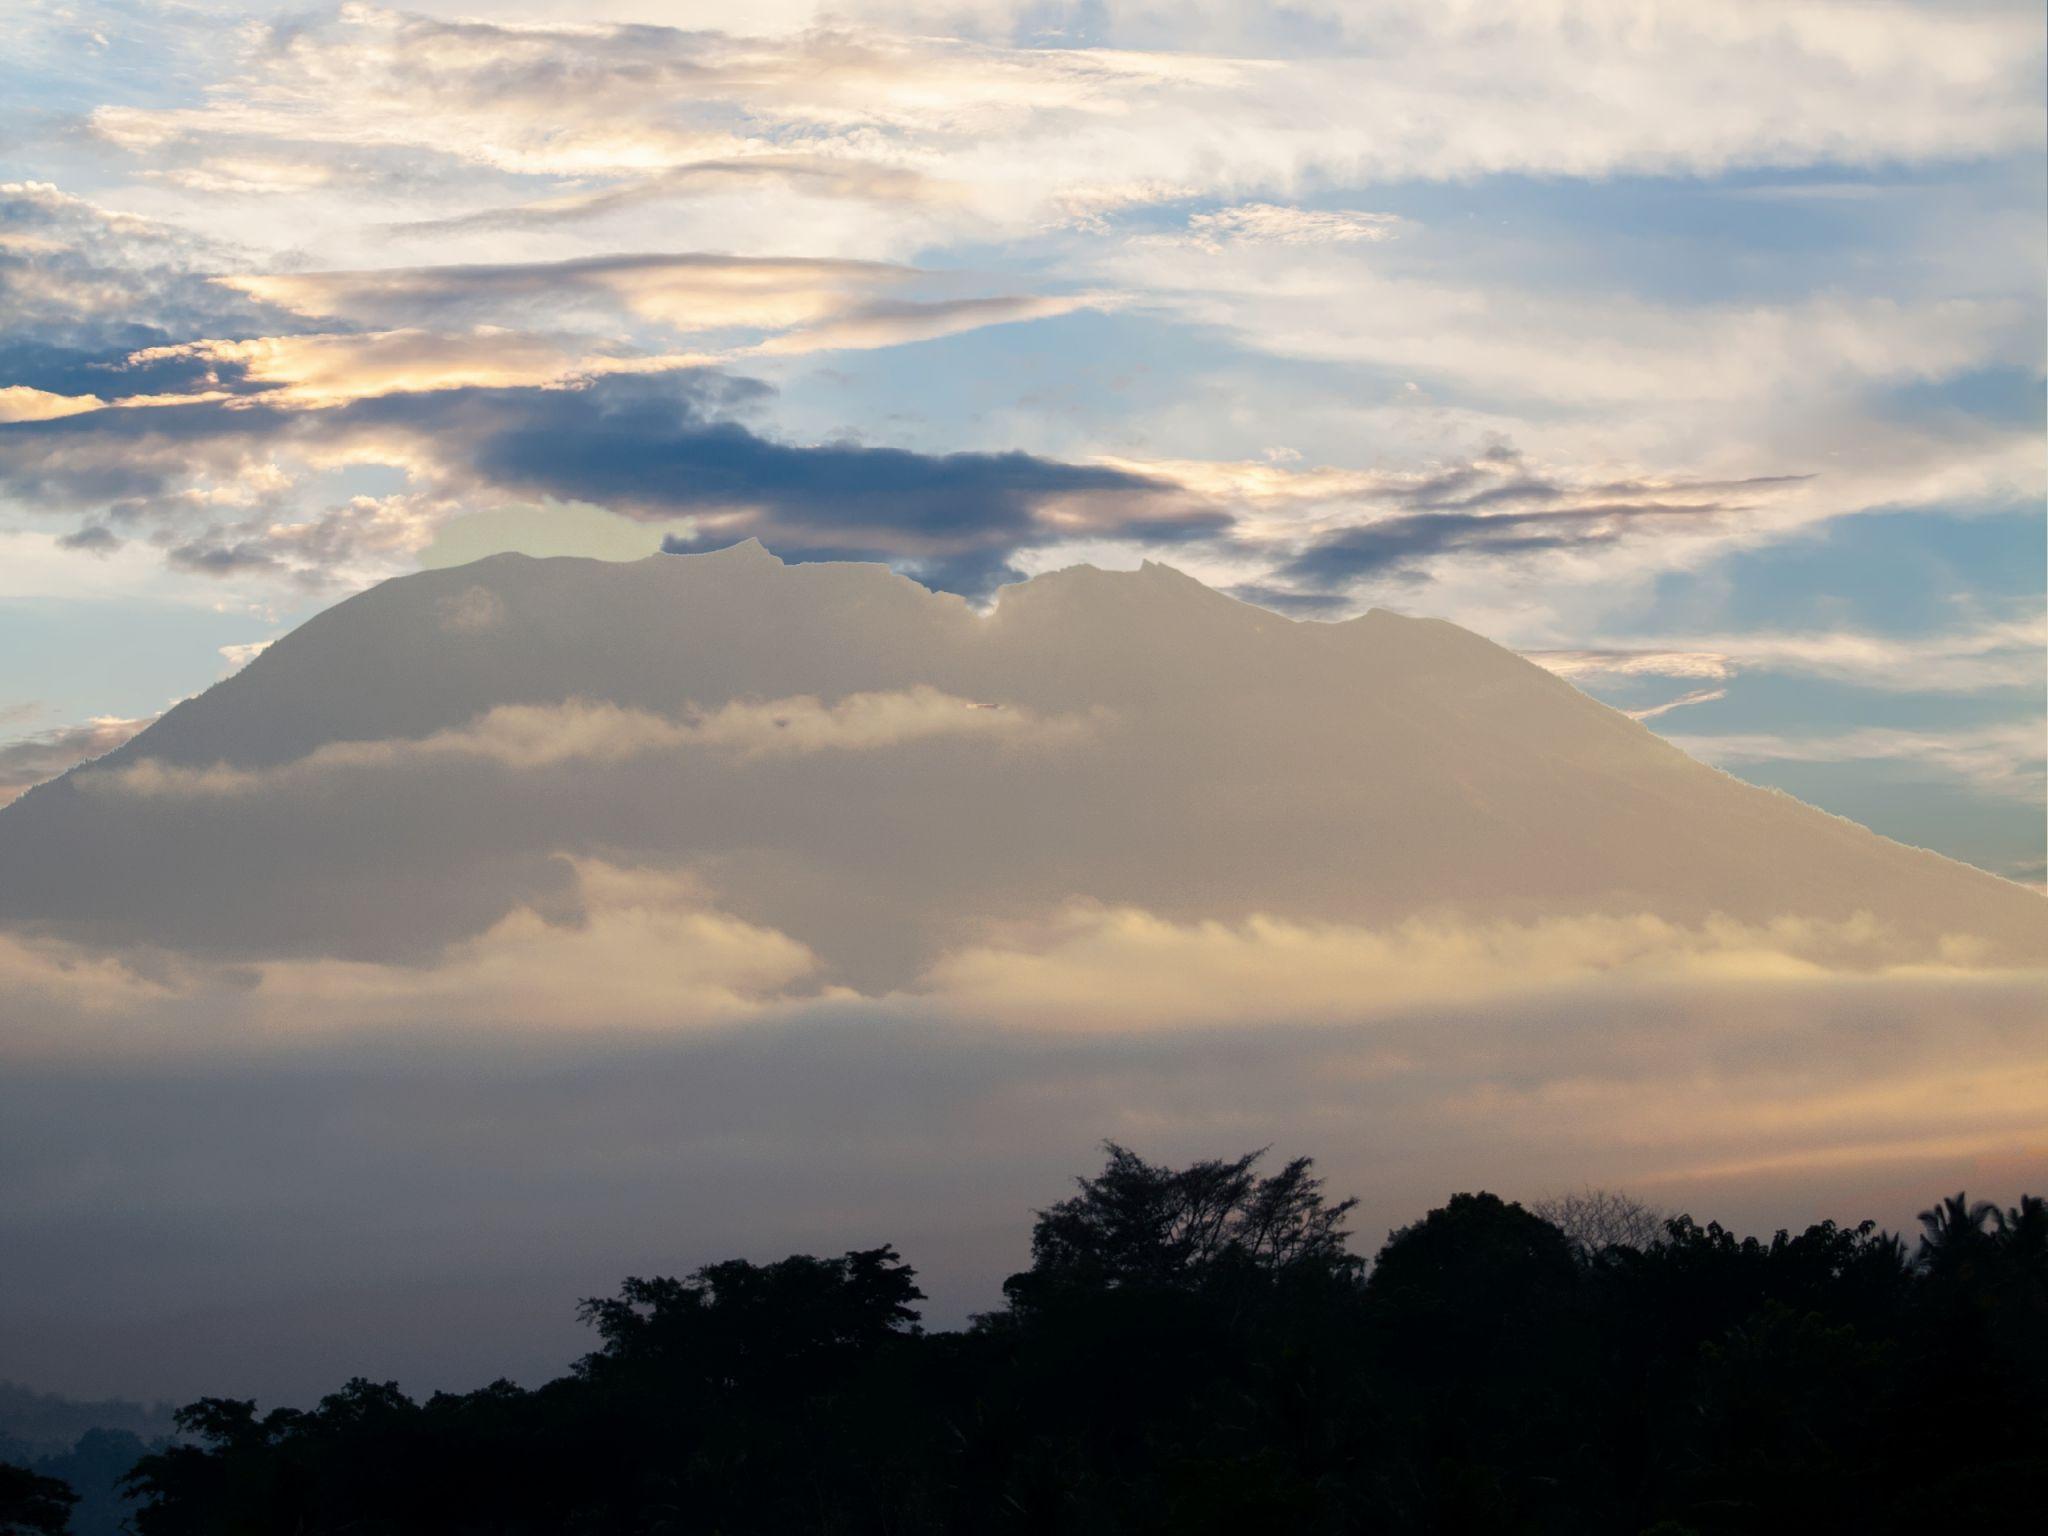 Gunung Agung, Indonesia